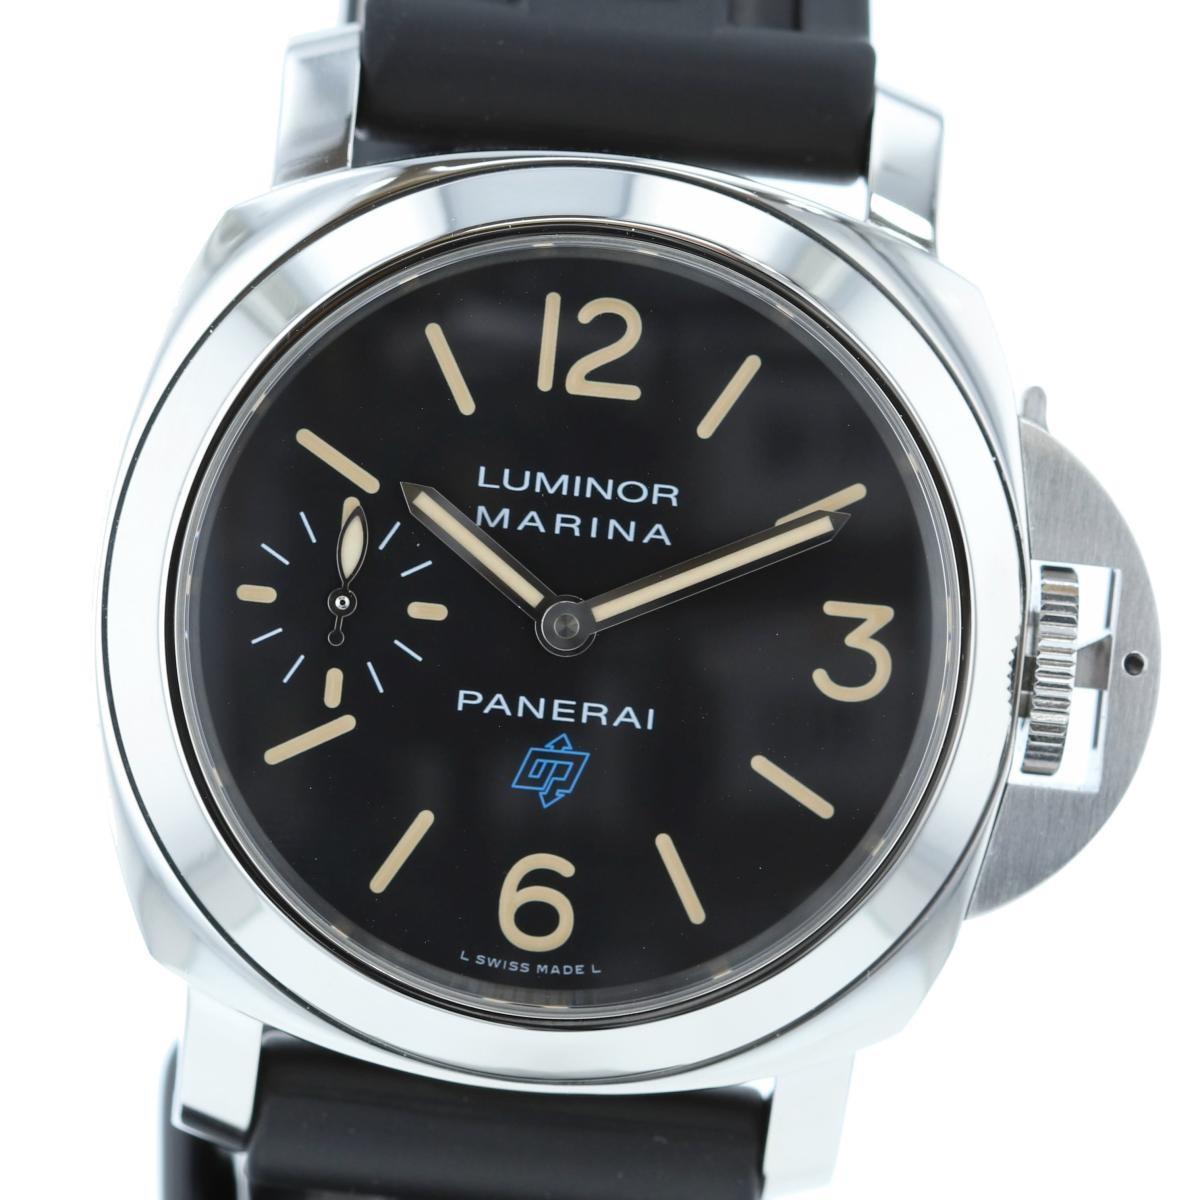 【中古】PANERAI パネライ ルミノール マリーナ Logo アッチャイオ 44� 時計 手巻き/メンズ LUMINOR MARINA Black/ブラック PAM00631 used:A